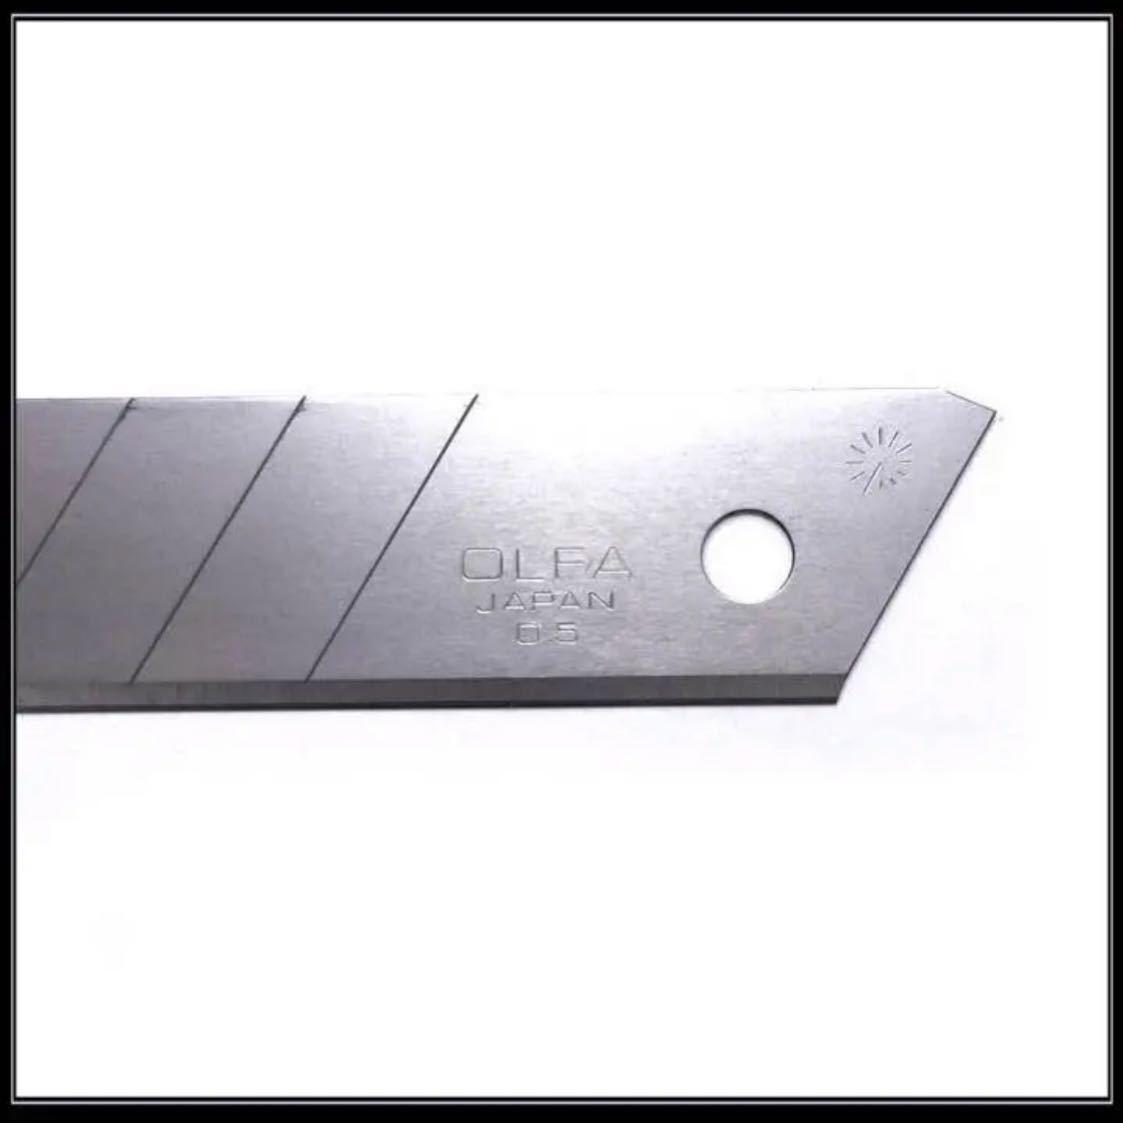 【送料無料】カッターナイフ 刃 100枚セット OLFA 替刃 切 カッター まとめ 0.5 文房具 カッター 事務用品 梱包 大量_画像3